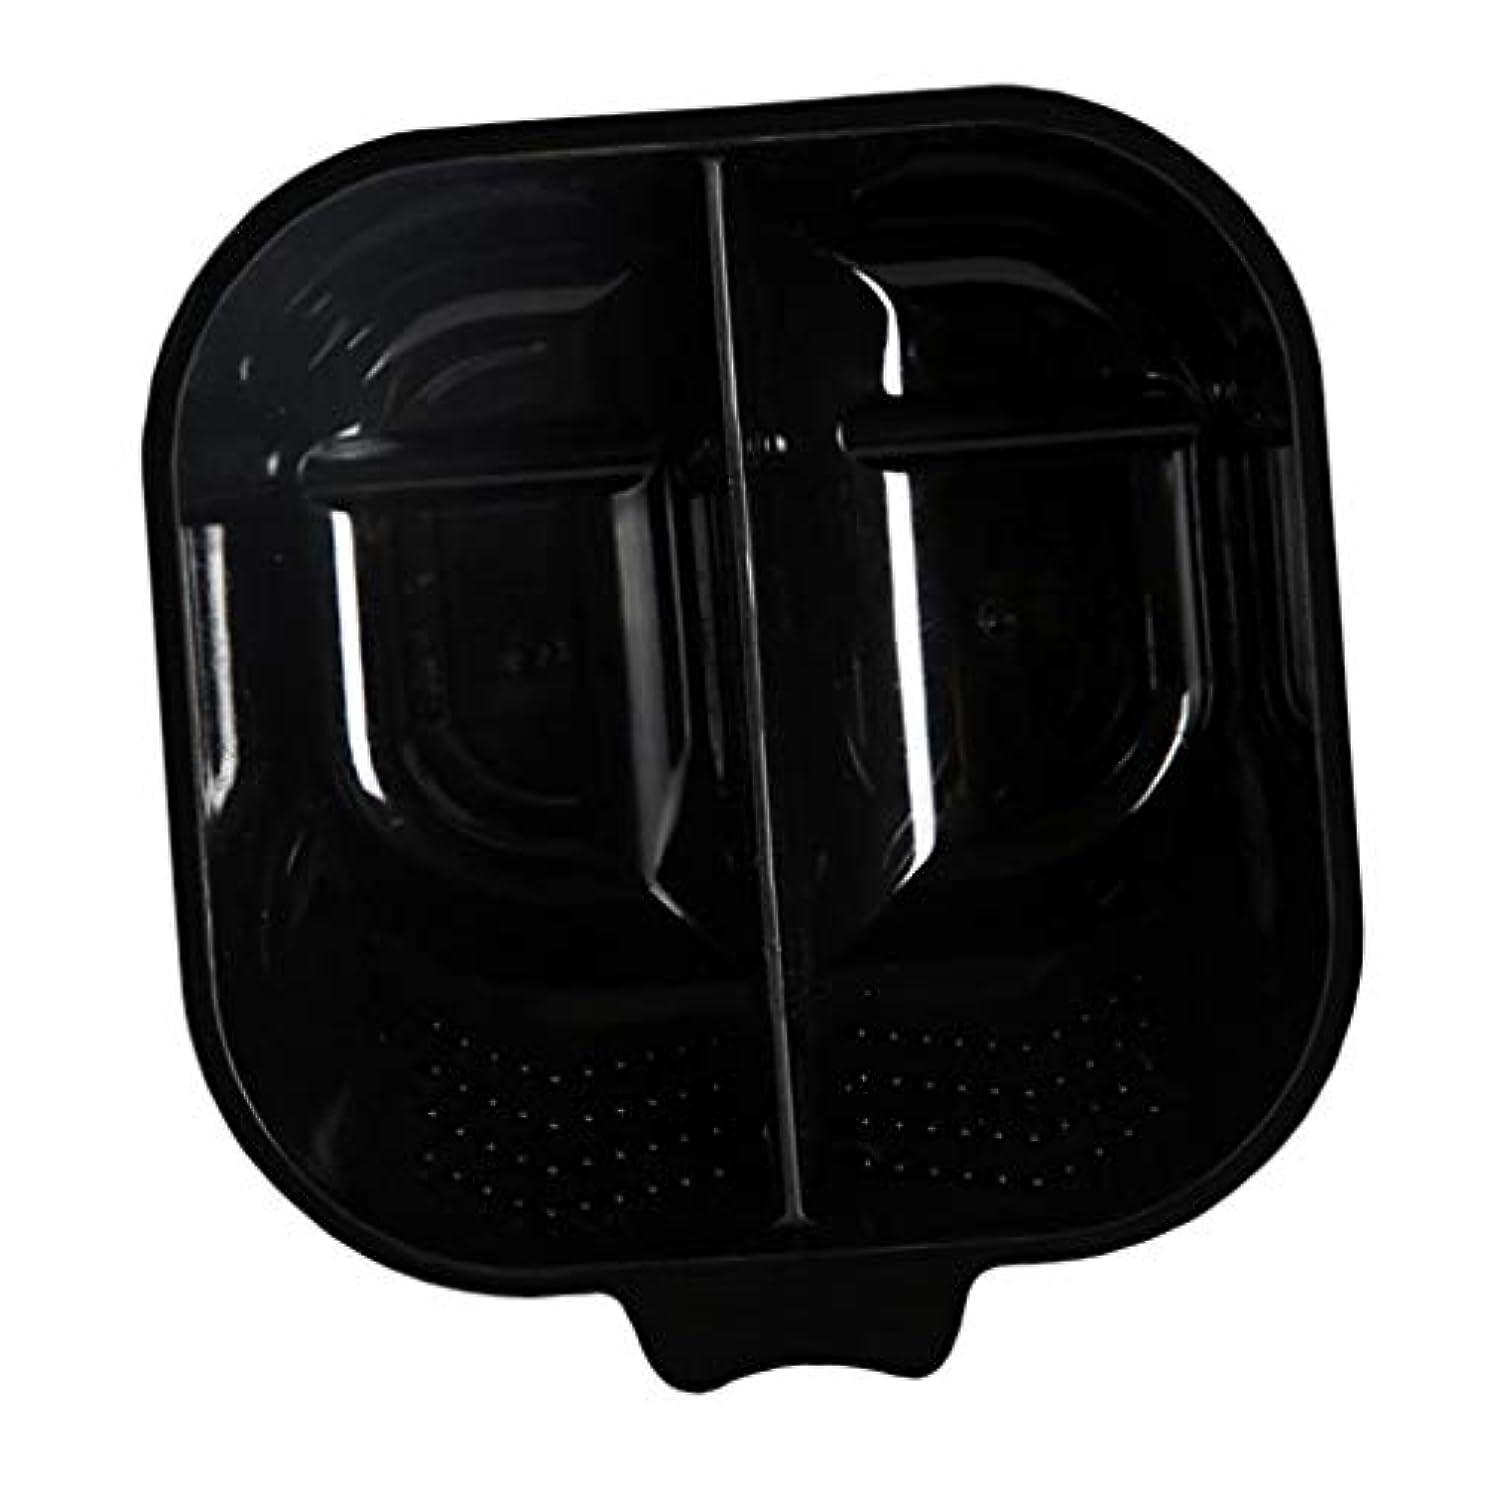 マントル生まれ持つヘアカラーリング用品 ヘアカラーボウル ヘアカラープレート 毛染め 染料 混ぜる サロン プロ用品 - ブラック